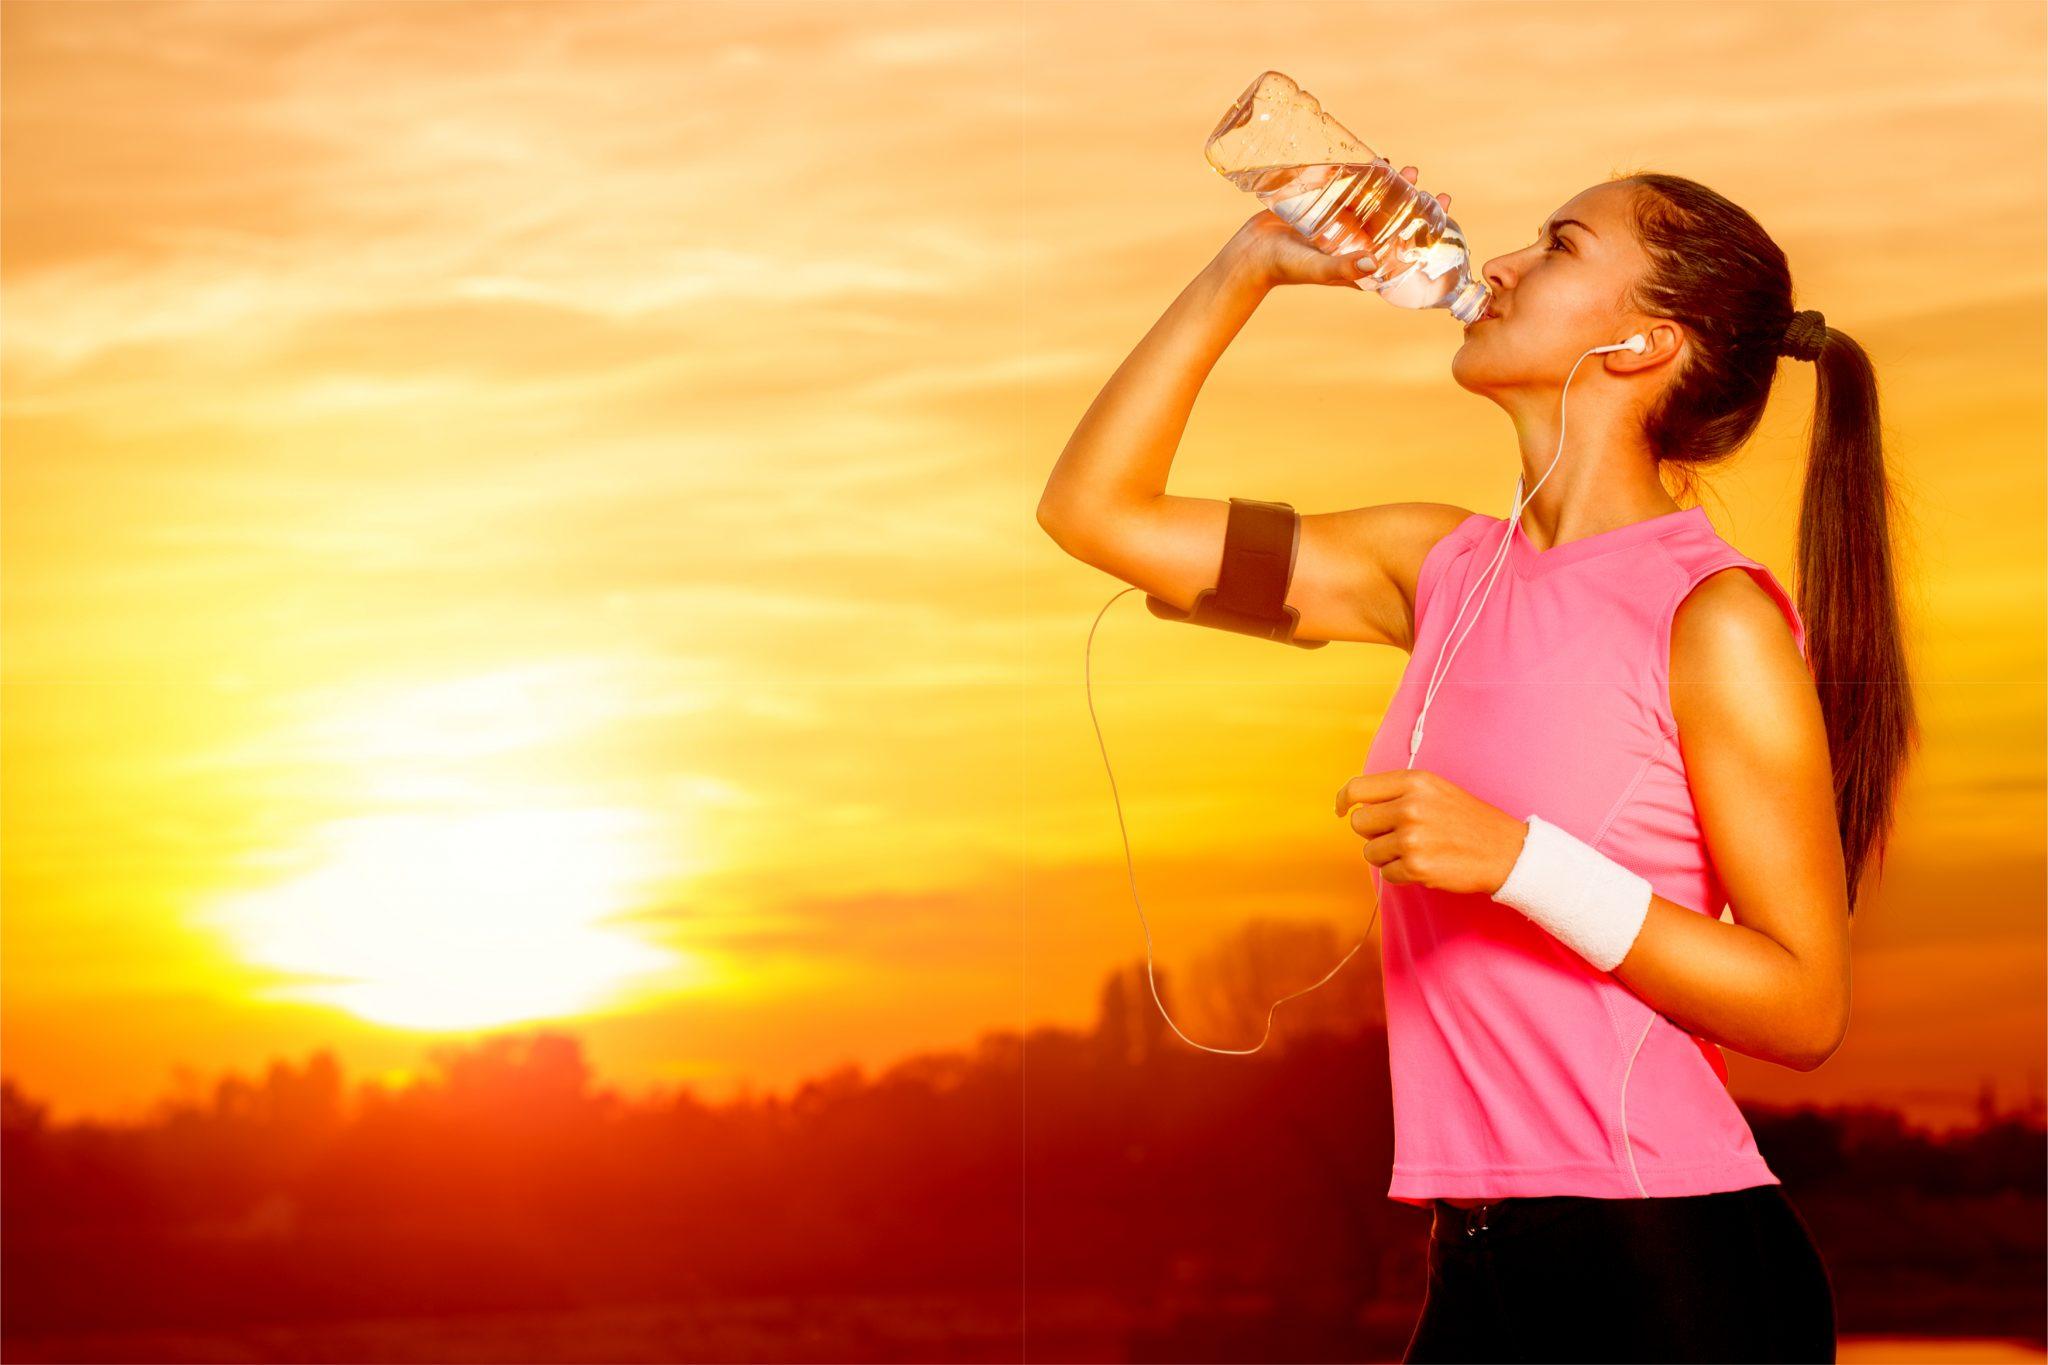 夕日を背景に水分補給している女性